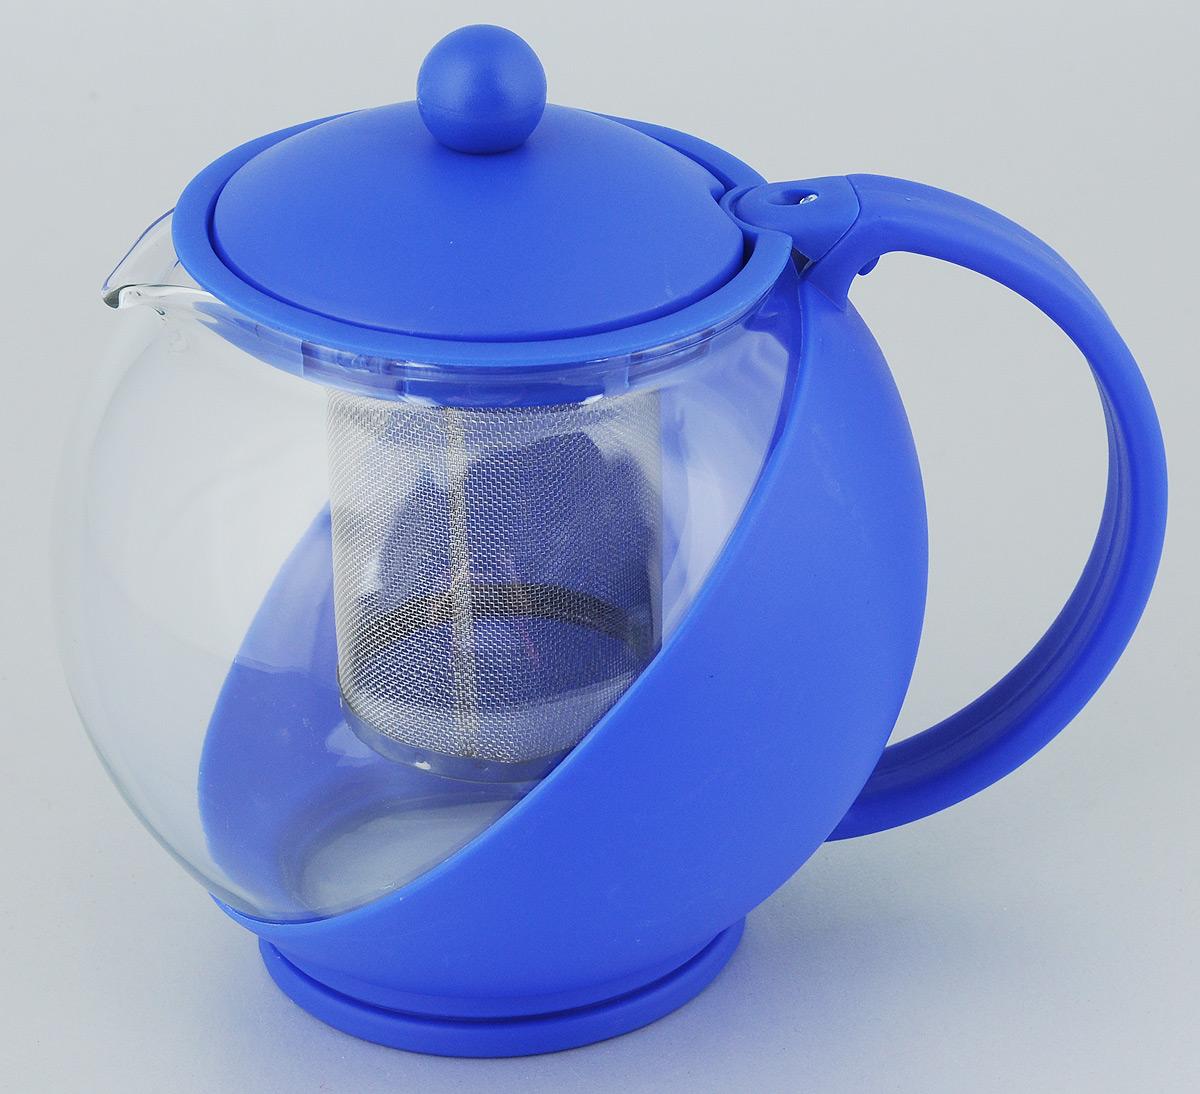 Чайник заварочный Bekker Koch, с фильтром, цвет: синий, 1,25 лVT-1520(SR)Заварочный чайник Bekker Koch изготовлен извысококачественного пластика и жаропрочногостекла. Он имеет металлический фильтр.Чайник оснащенудобной пластиковой ручкой.В нем вы можете приготовить вкусный и ароматный чай.Заварочный чайник Bekker Koch займетдостойное место на вашей кухне.Объем: 1,25 л.Высота чайника (без учета крышки): 14 см.Диаметр (по верхнему краю): 9,5 см.